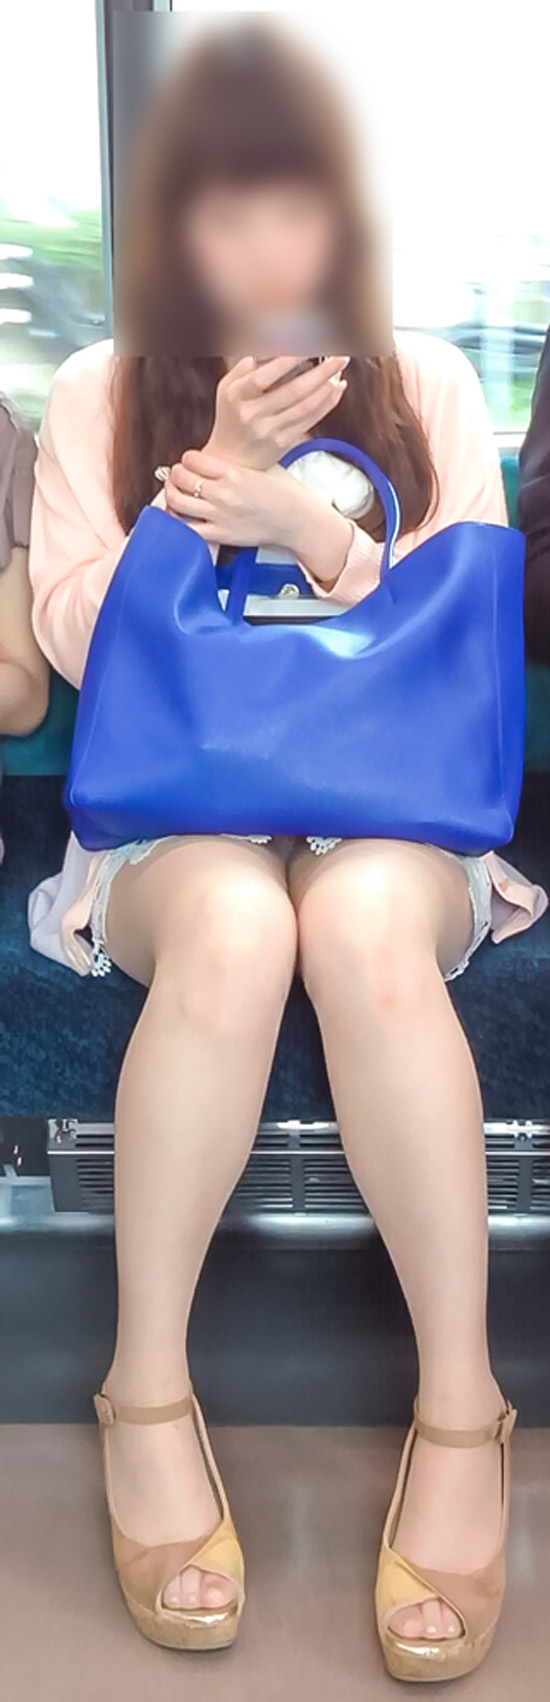 【パンチラエロ画像】座っていればいつか拝めるw電車内の対面ミニスカチラwww 24